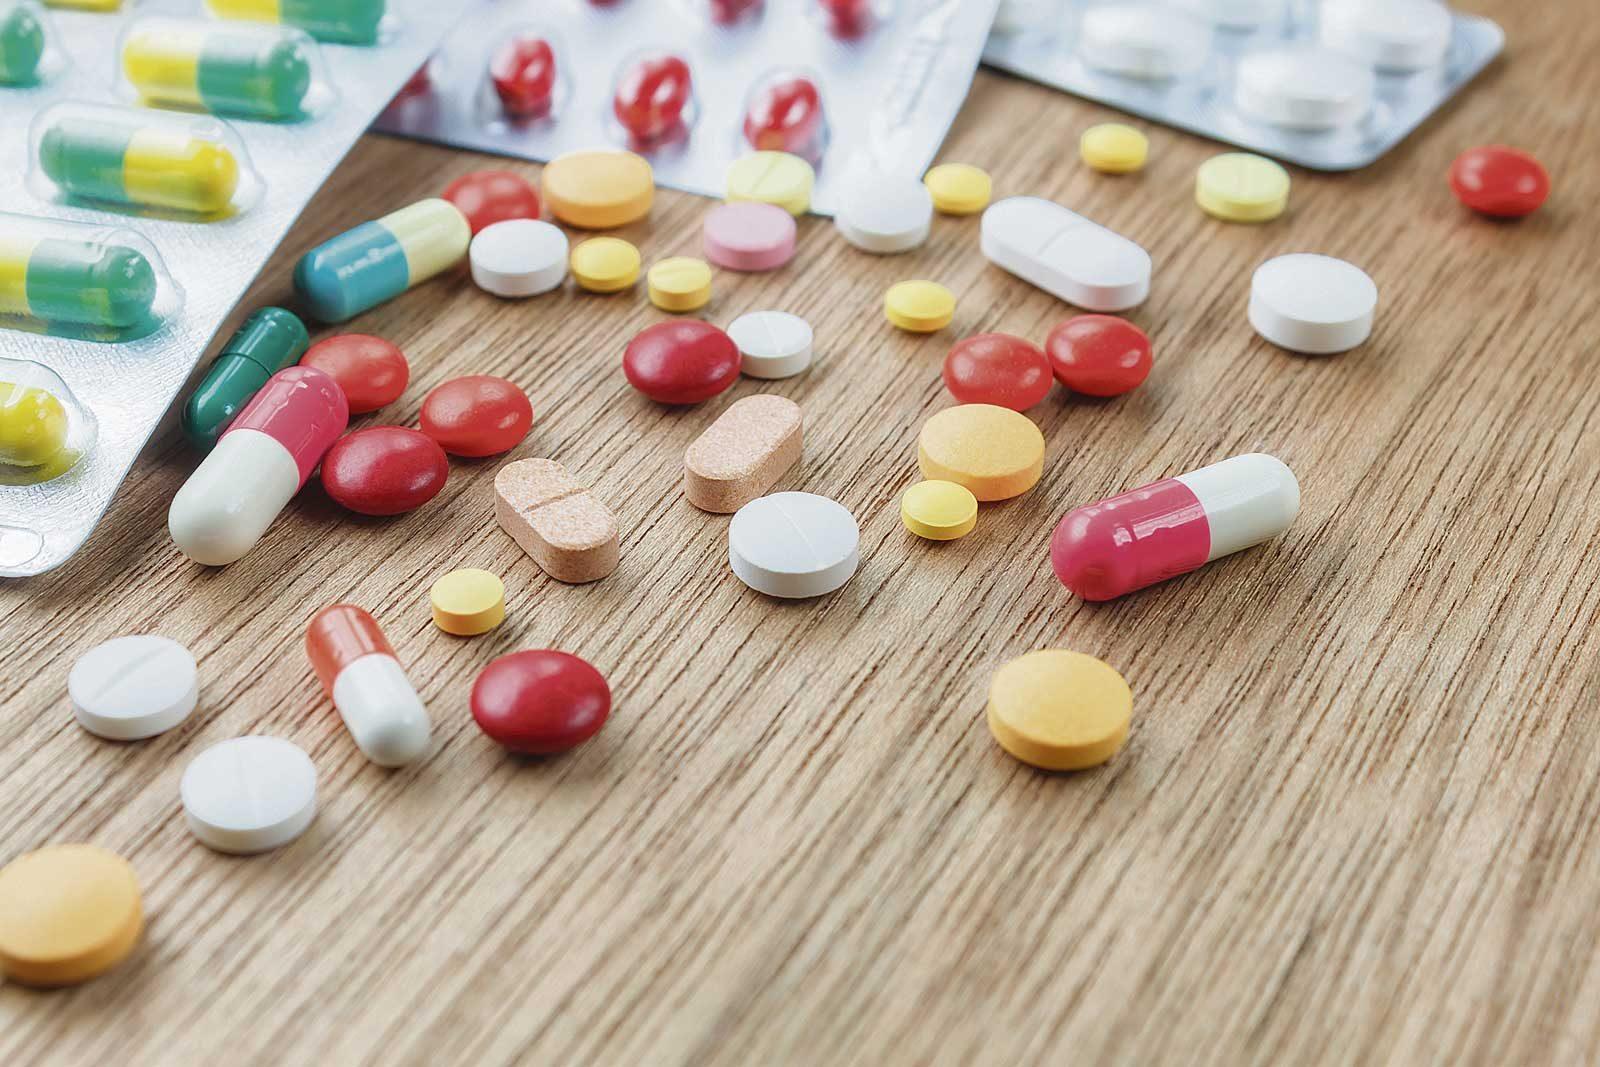 medicament pentru pastile de durere articulară